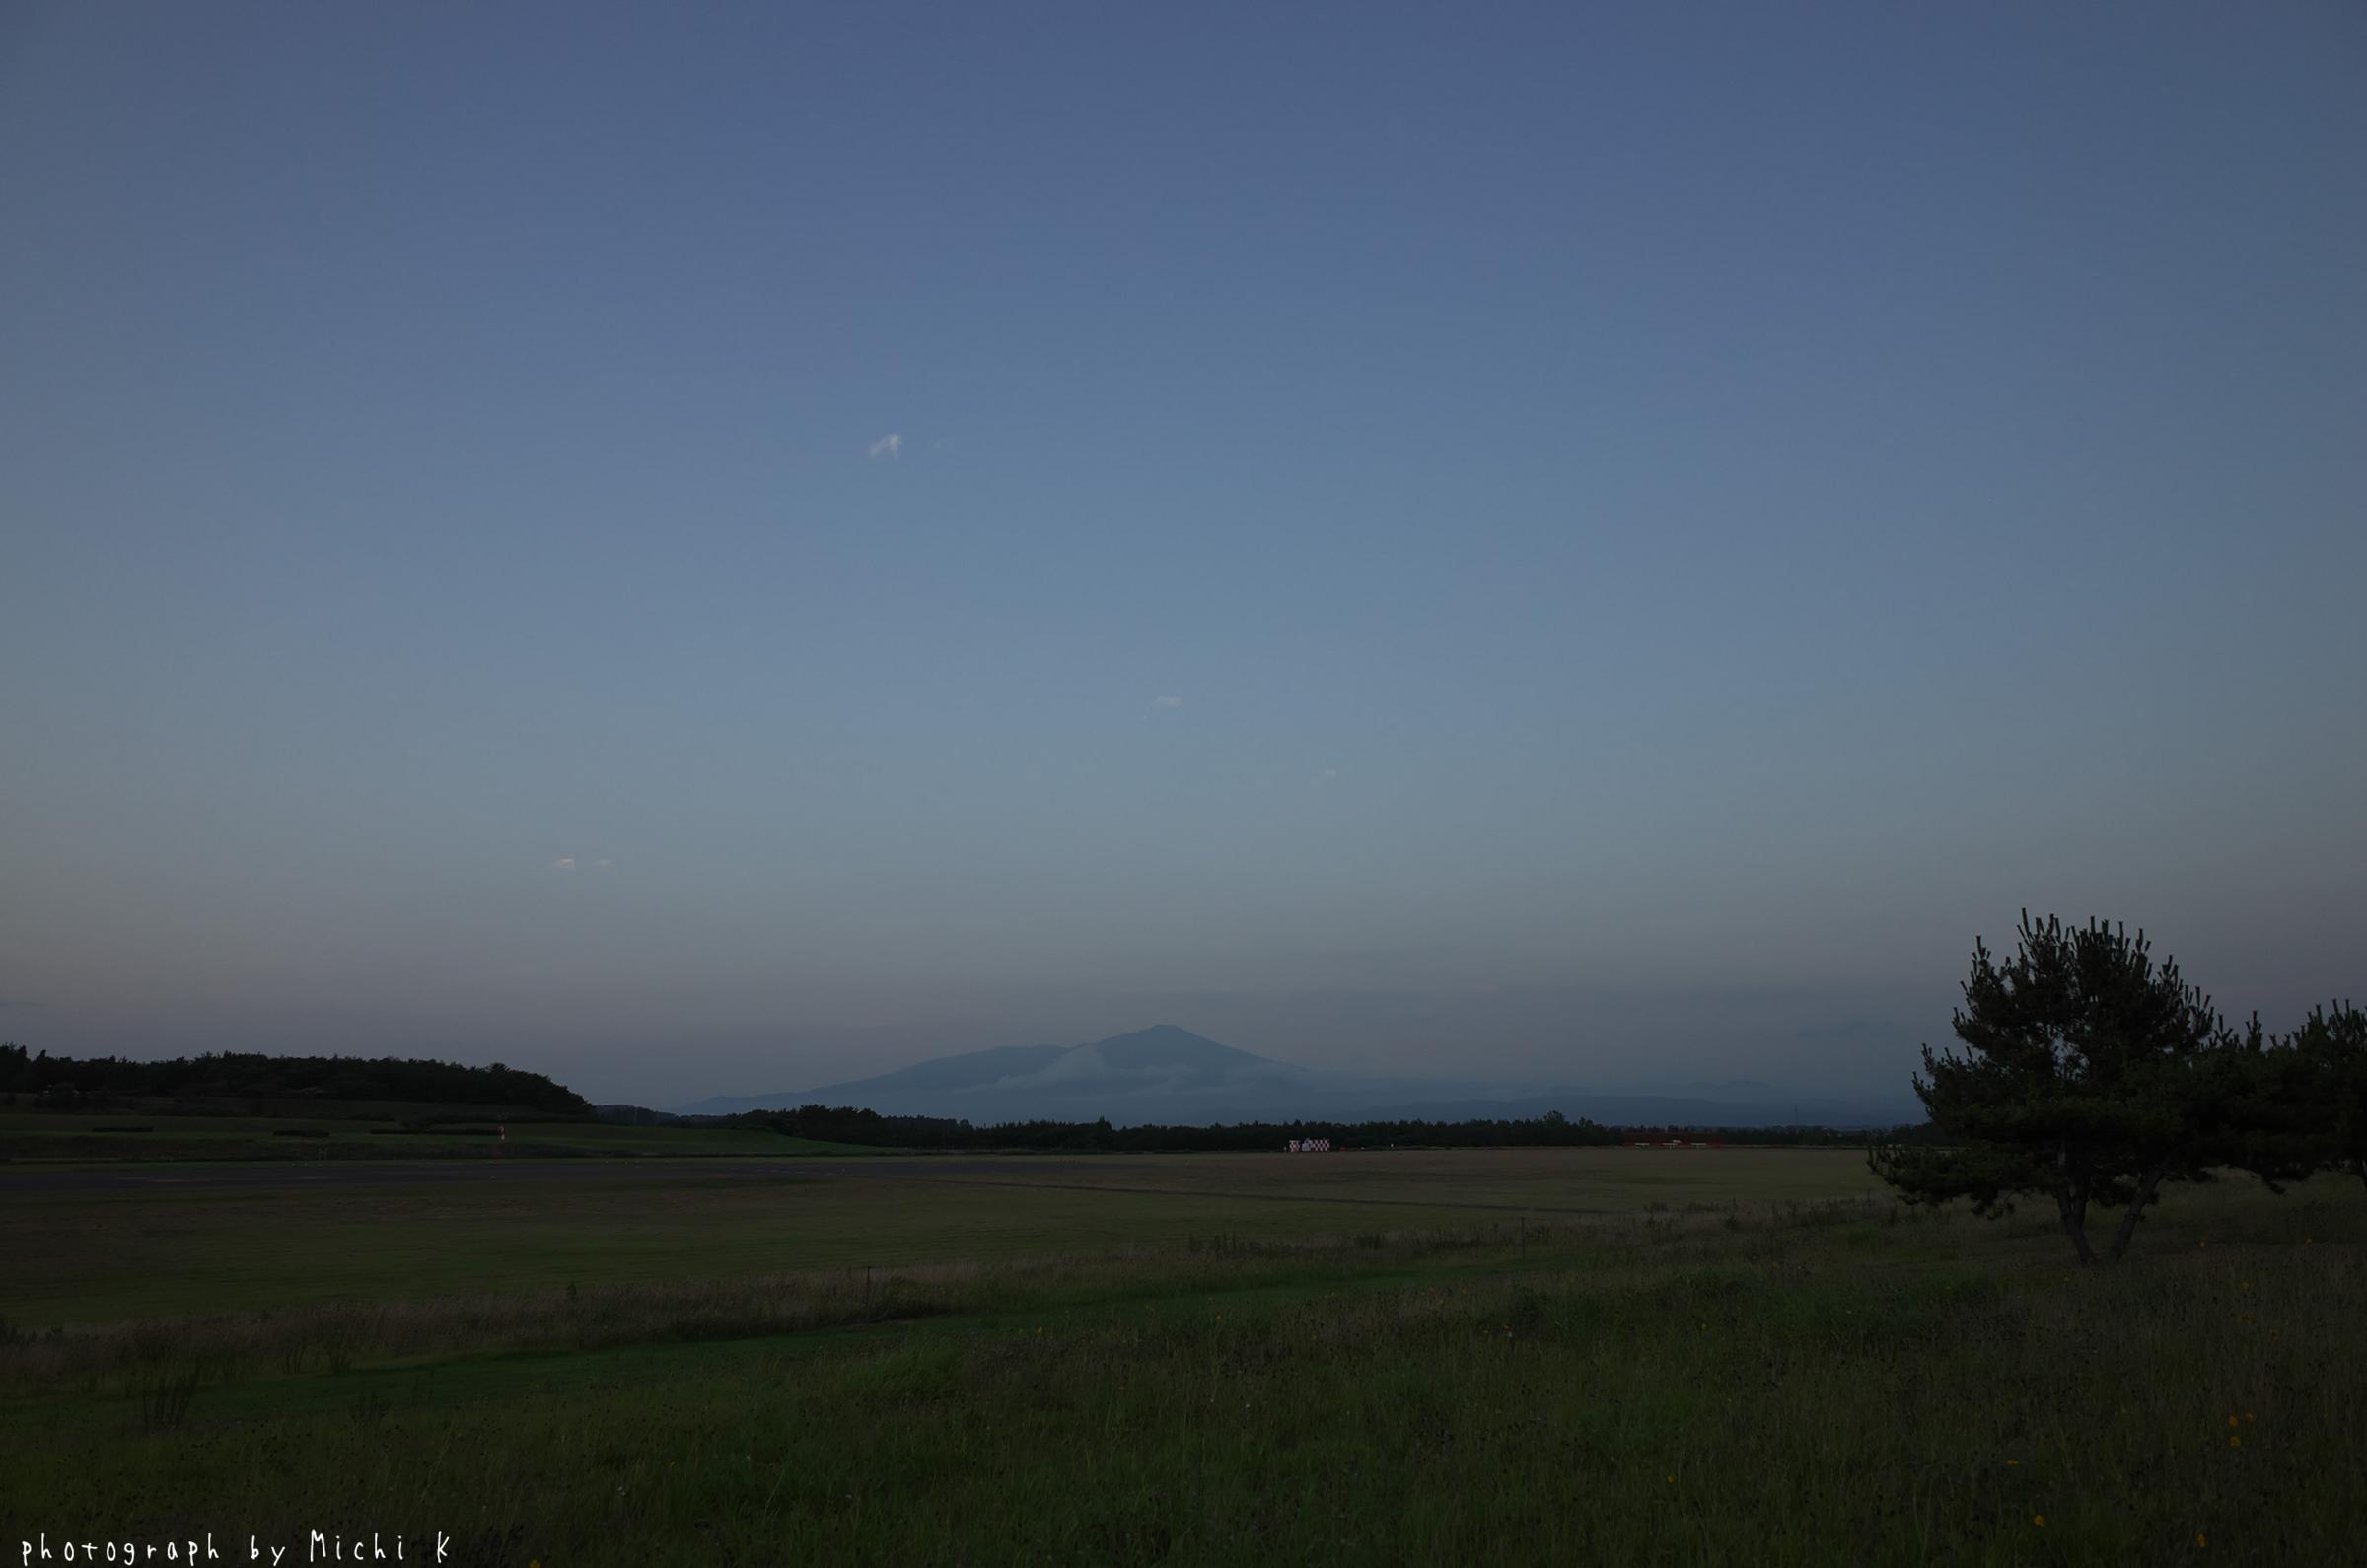 庄内空港緩衝緑地(写真その6)